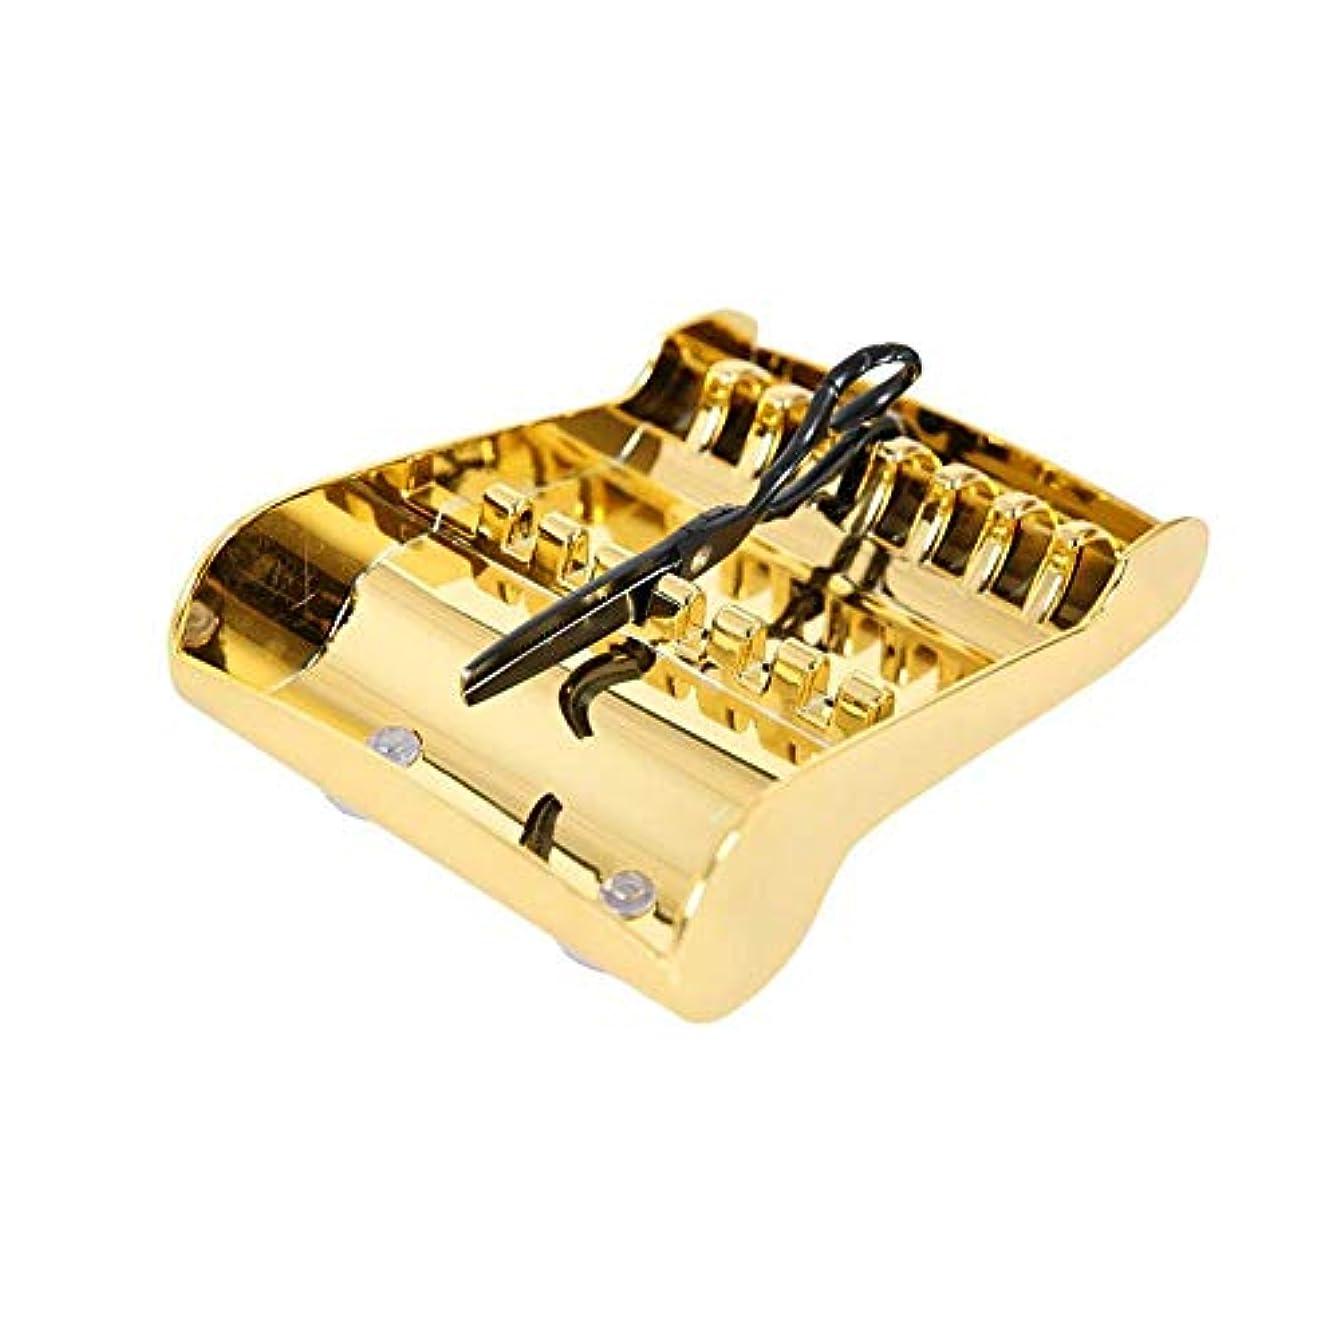 挨拶敬の念指定するはさみのディスプレイラック毎日のはさみ収納ラックツールホルダー用ヘアスタイリスト20.5 13.8 5.5Cm(ゴールド)